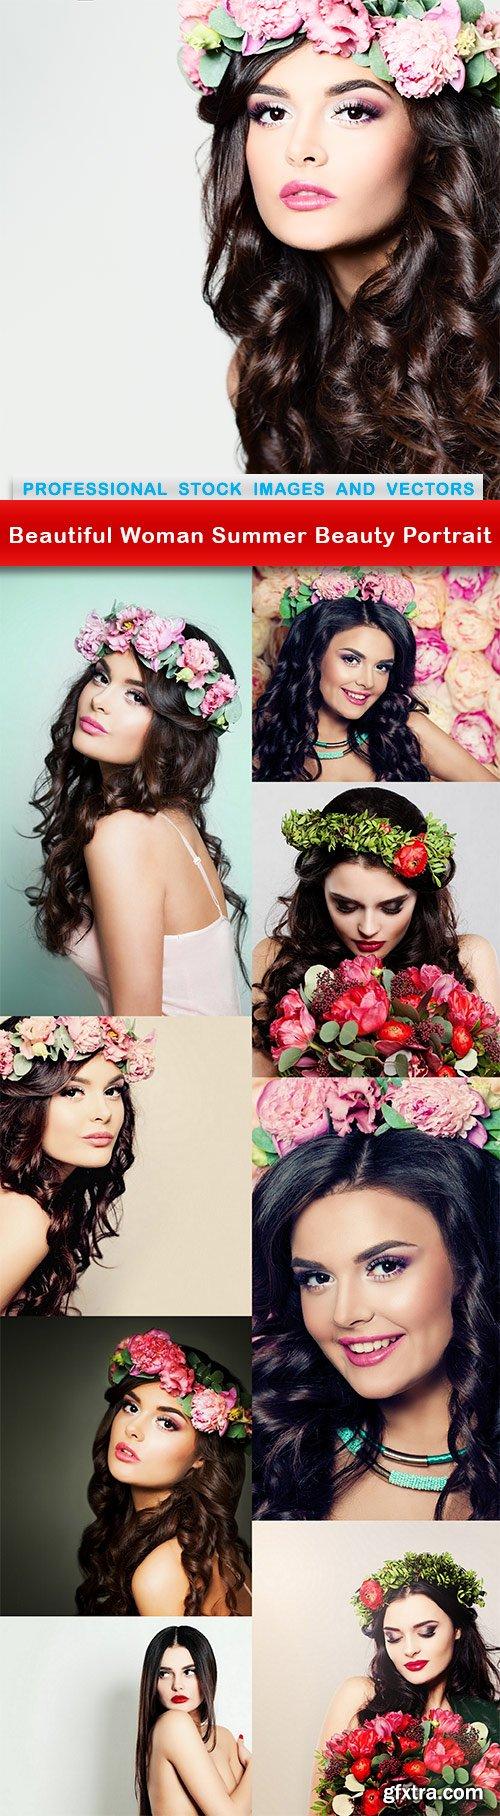 Beautiful Woman Summer Beauty Portrait - 9 UHQ JPEG